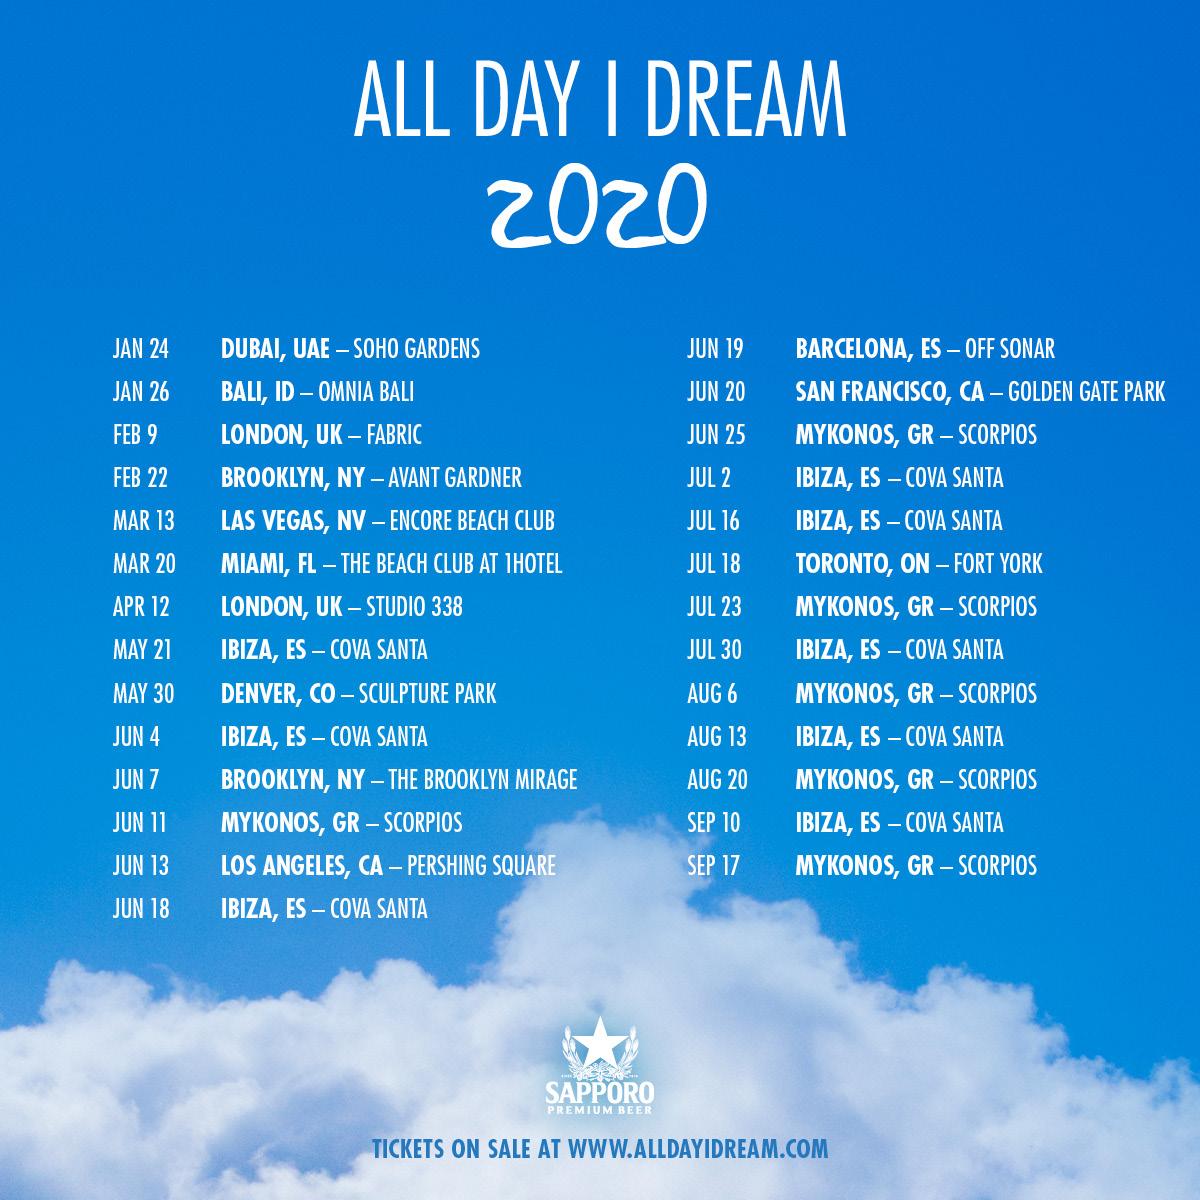 All Day I Dream 2020 Tour